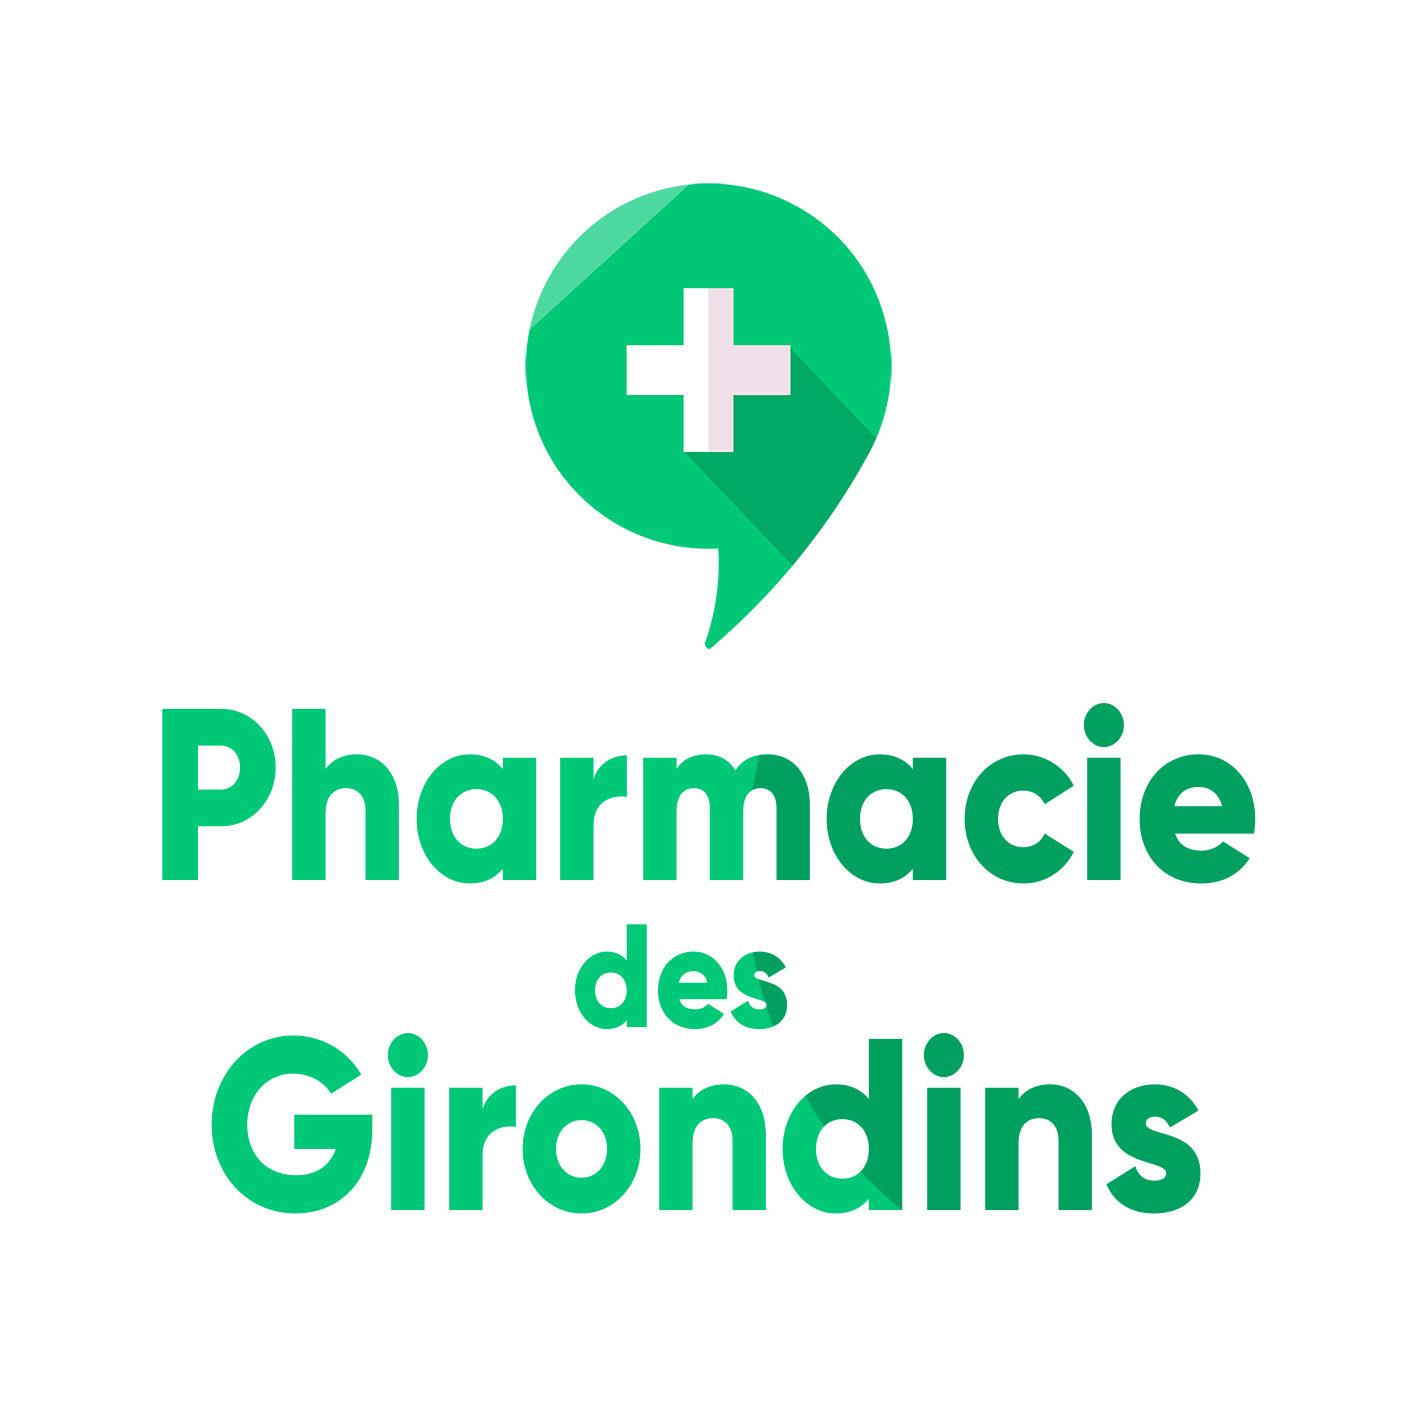 Pharmacie des Girondins